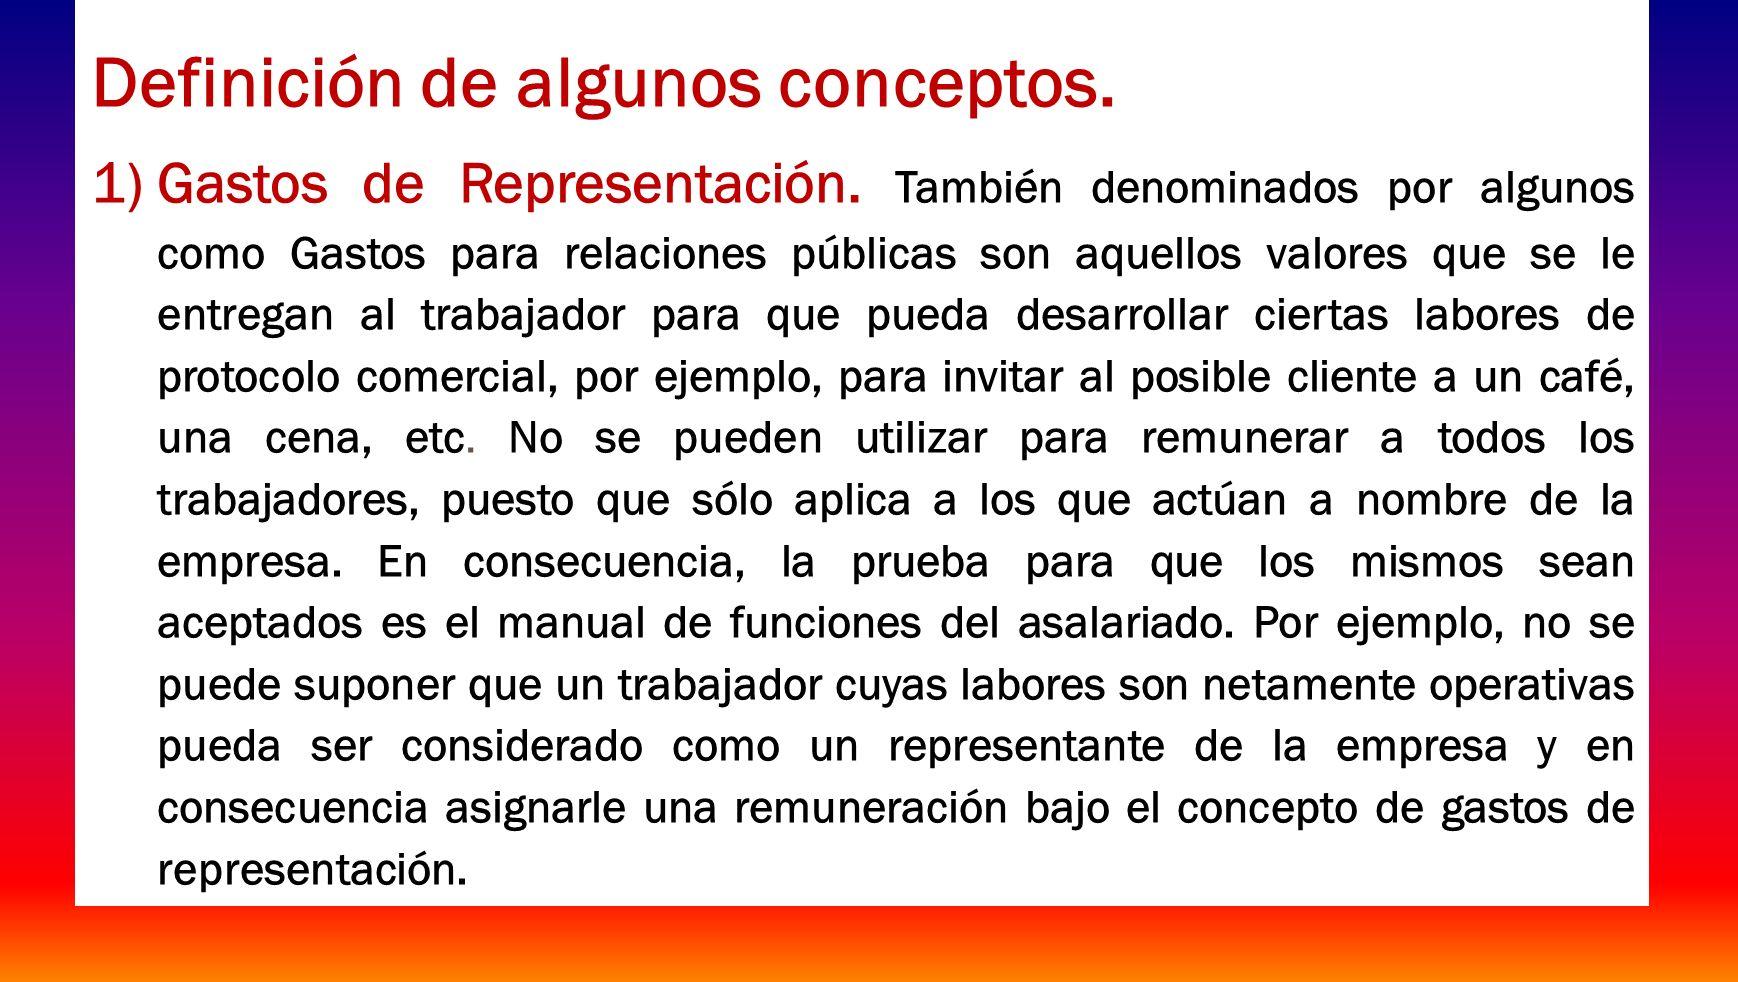 Definición de algunos conceptos. 1)Gastos de Representación. También denominados por algunos como Gastos para relaciones públicas son aquellos valores